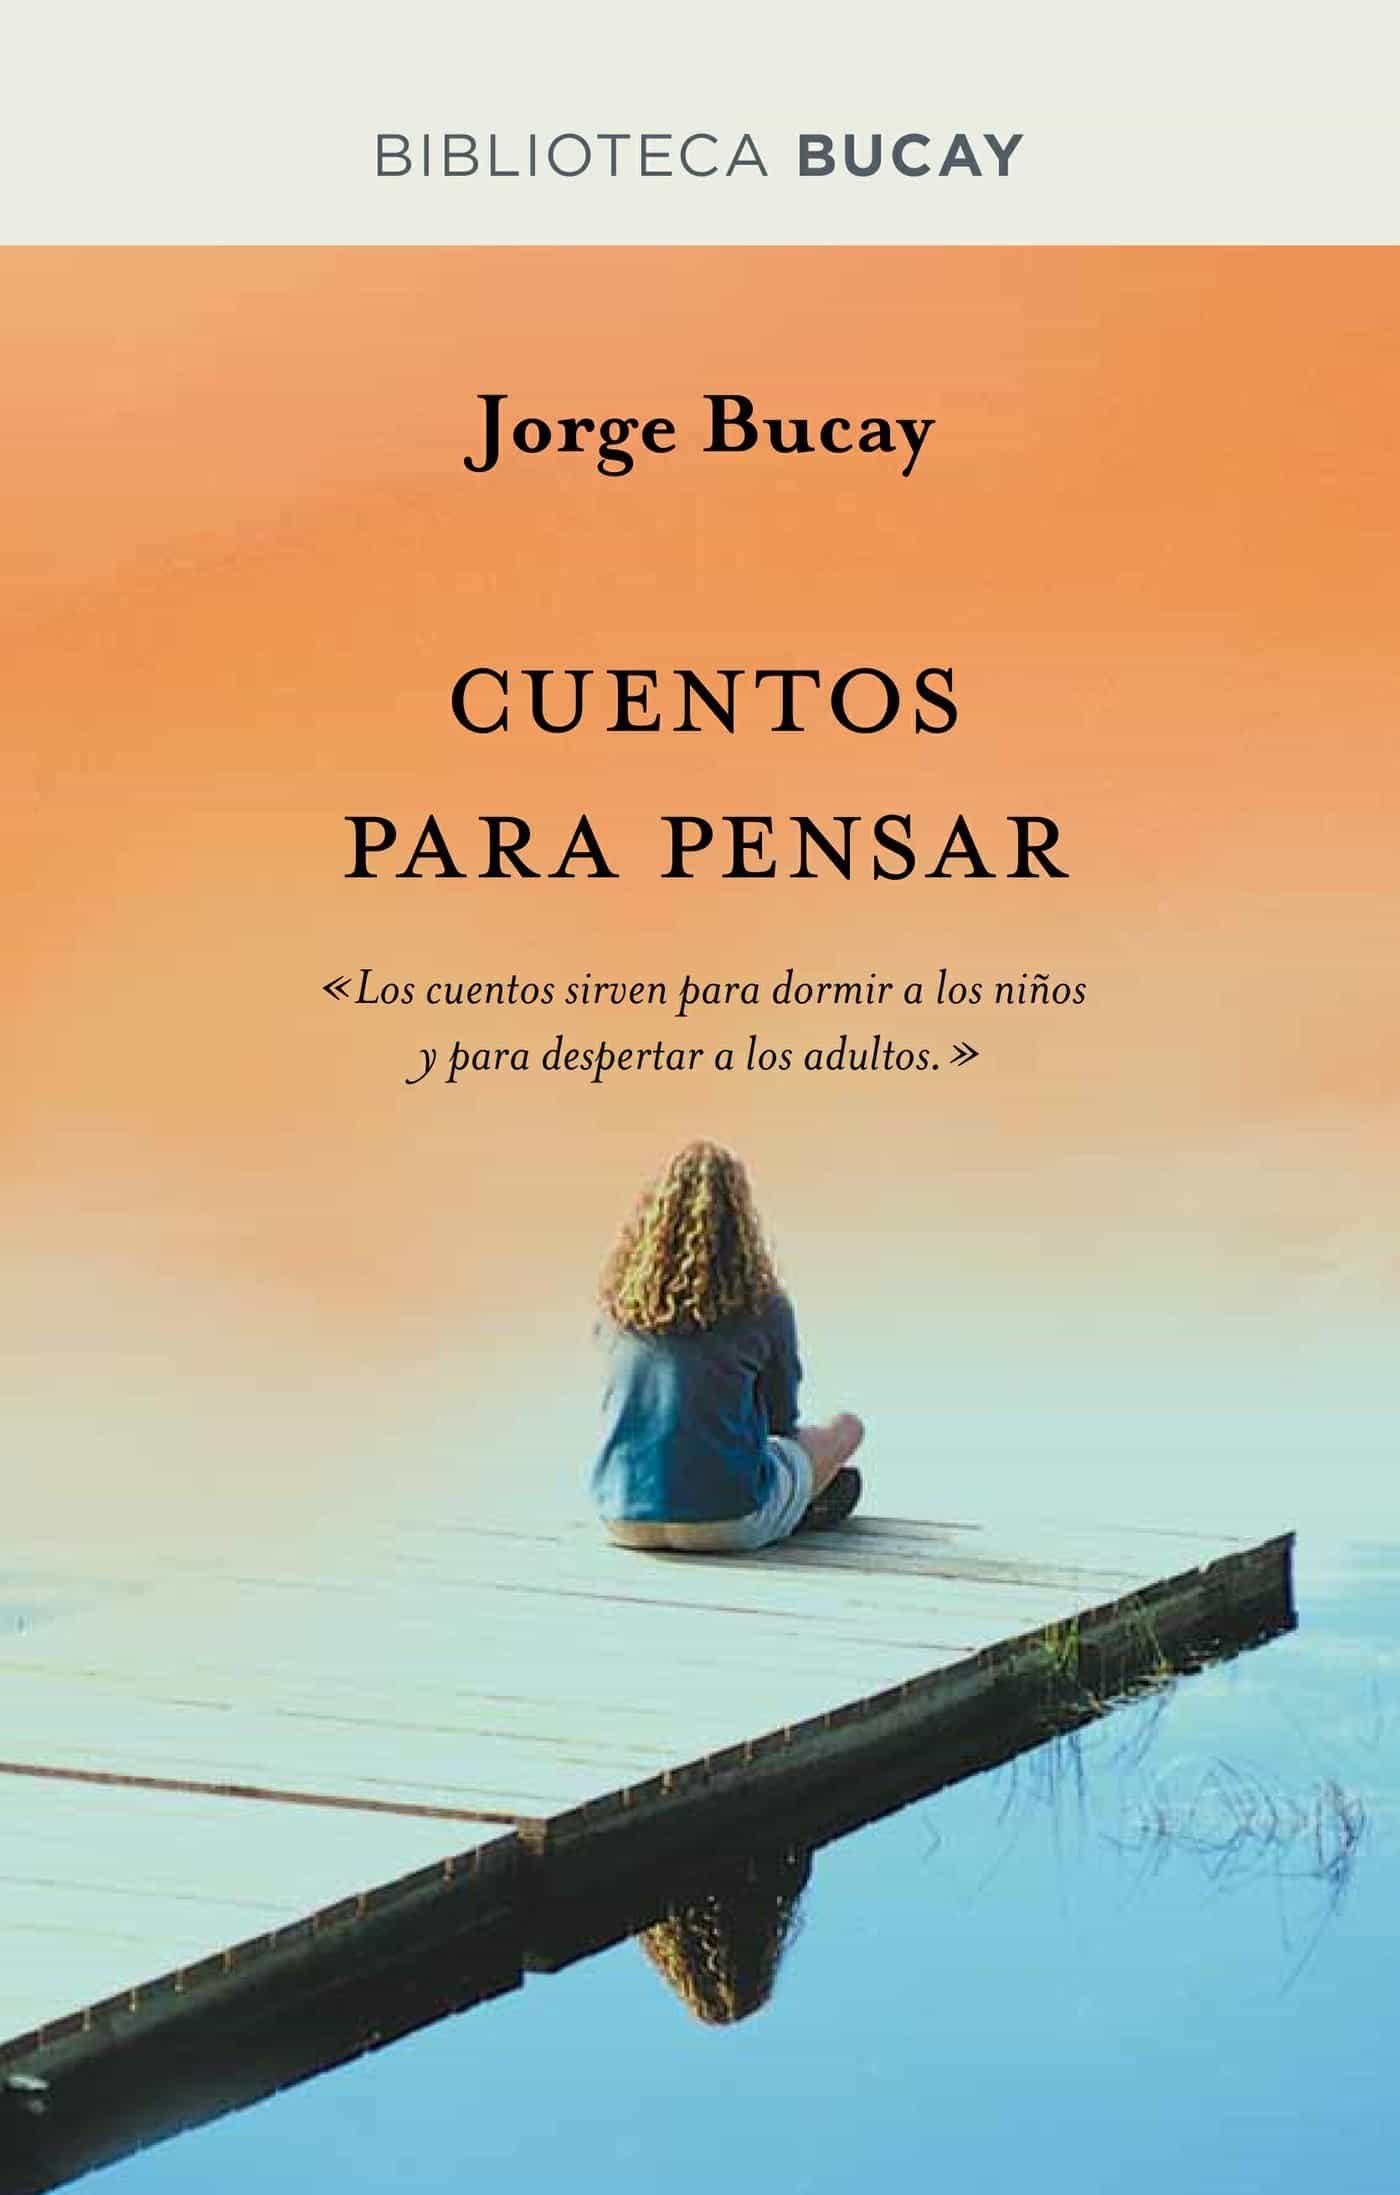 CUENTOS PARA PENSAR EBOOK | JORGE BUCAY | Descargar libro